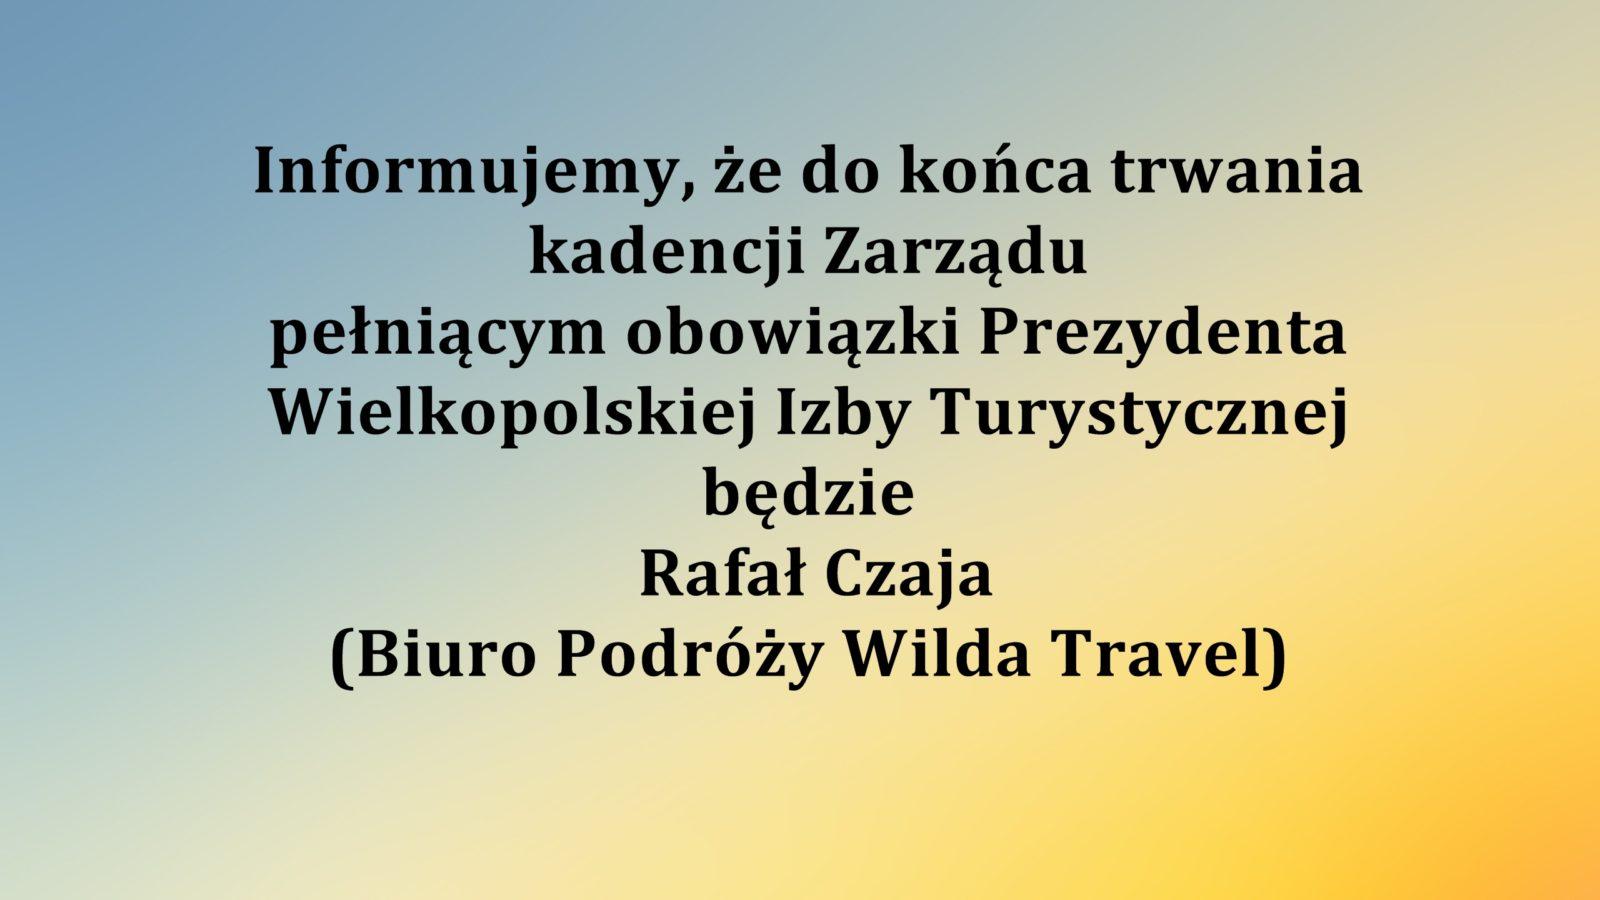 Rafał Czaja – Pełniący obowiązki Prezydenta WIT